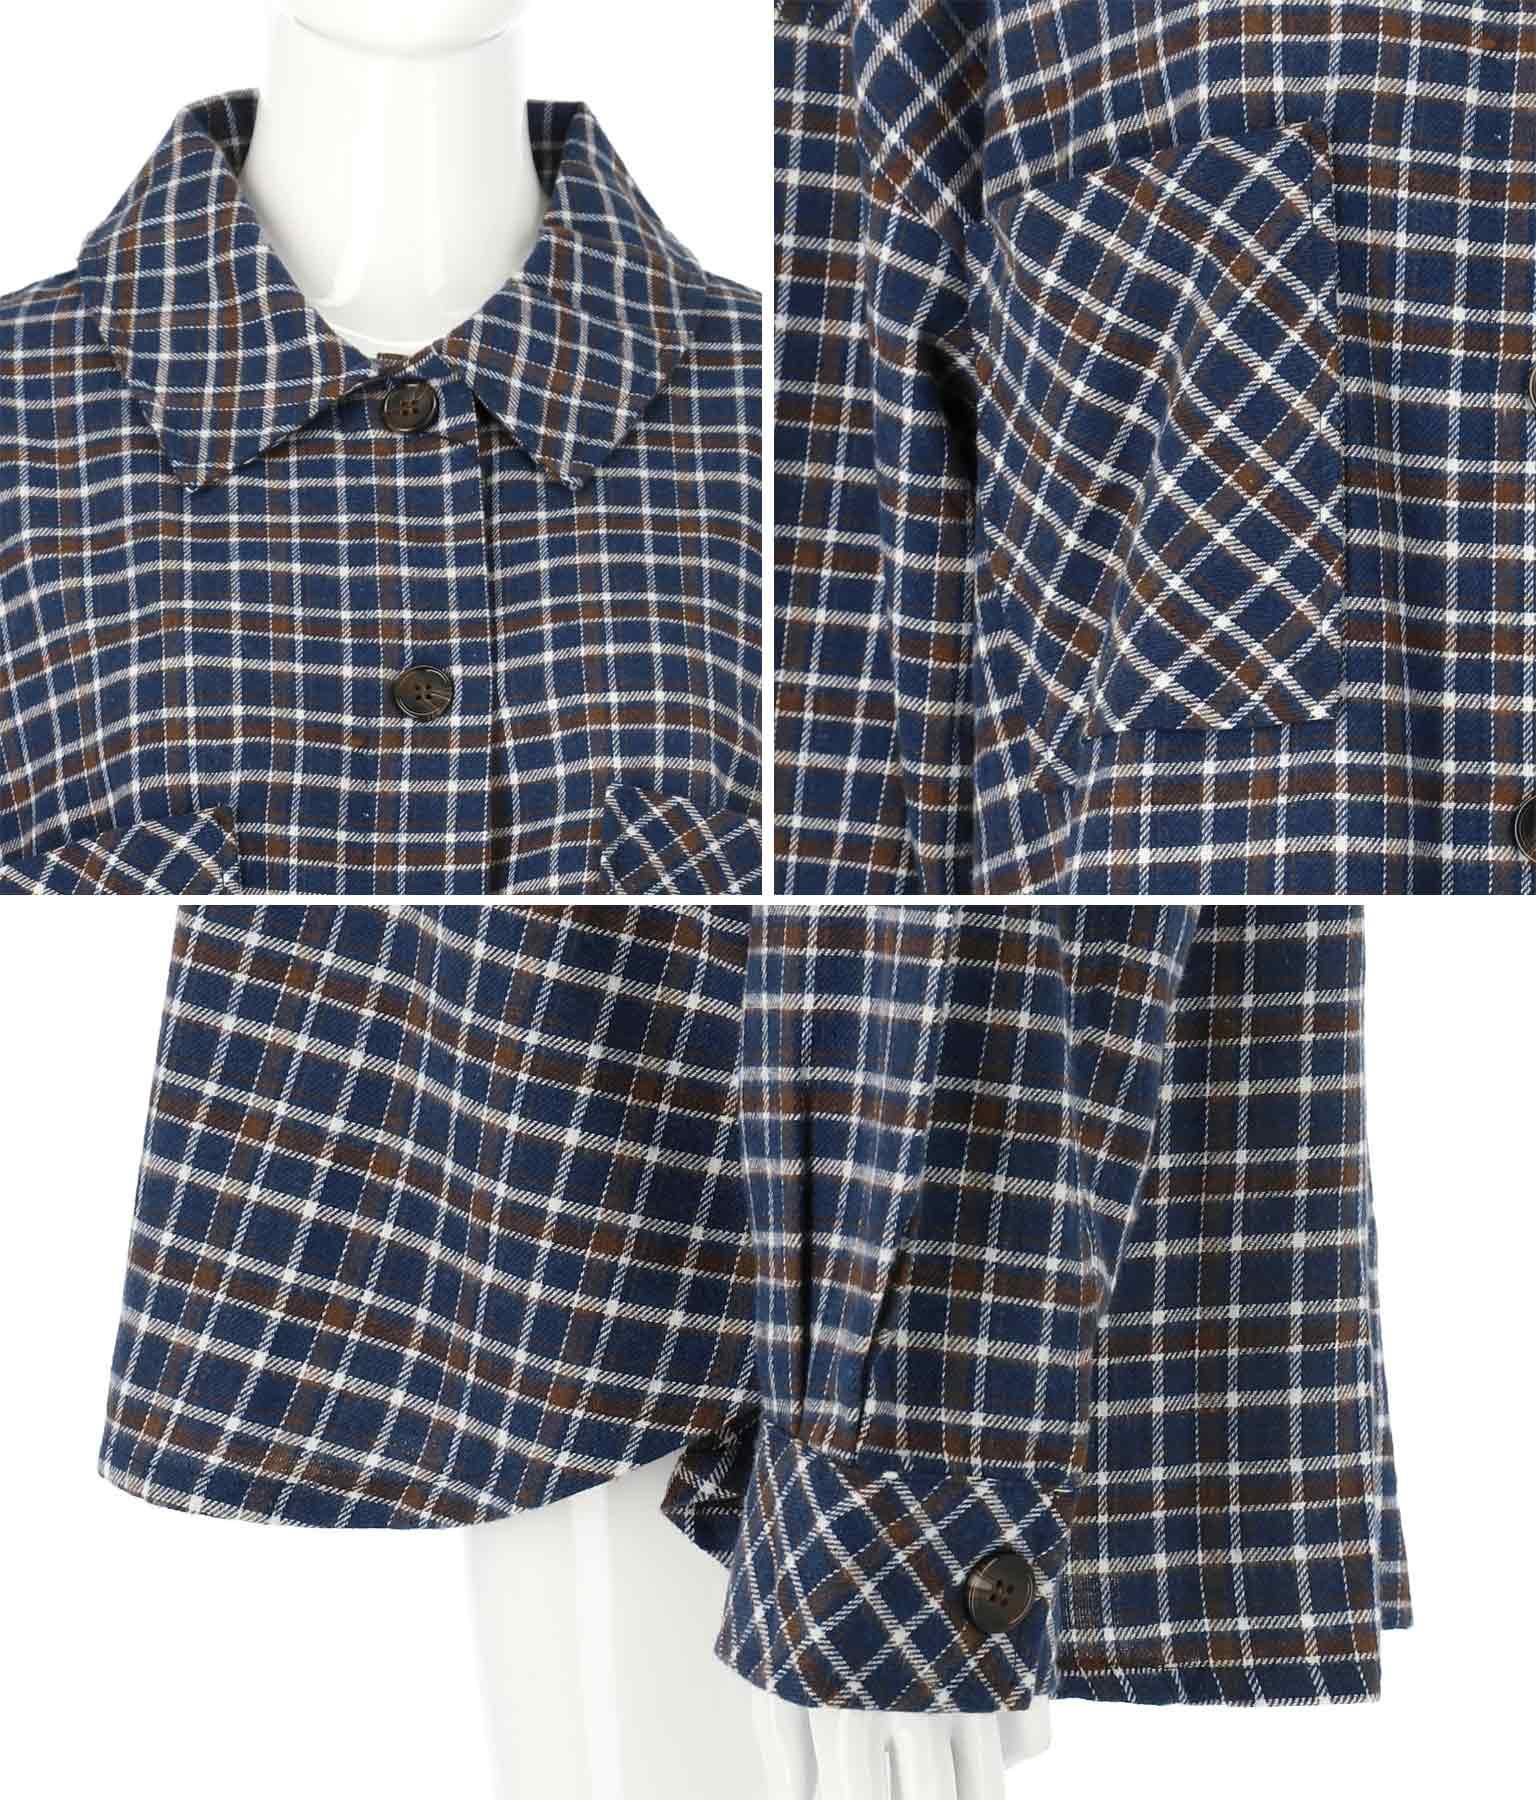 オーバーサイズチェックシャツ | anap mimpi